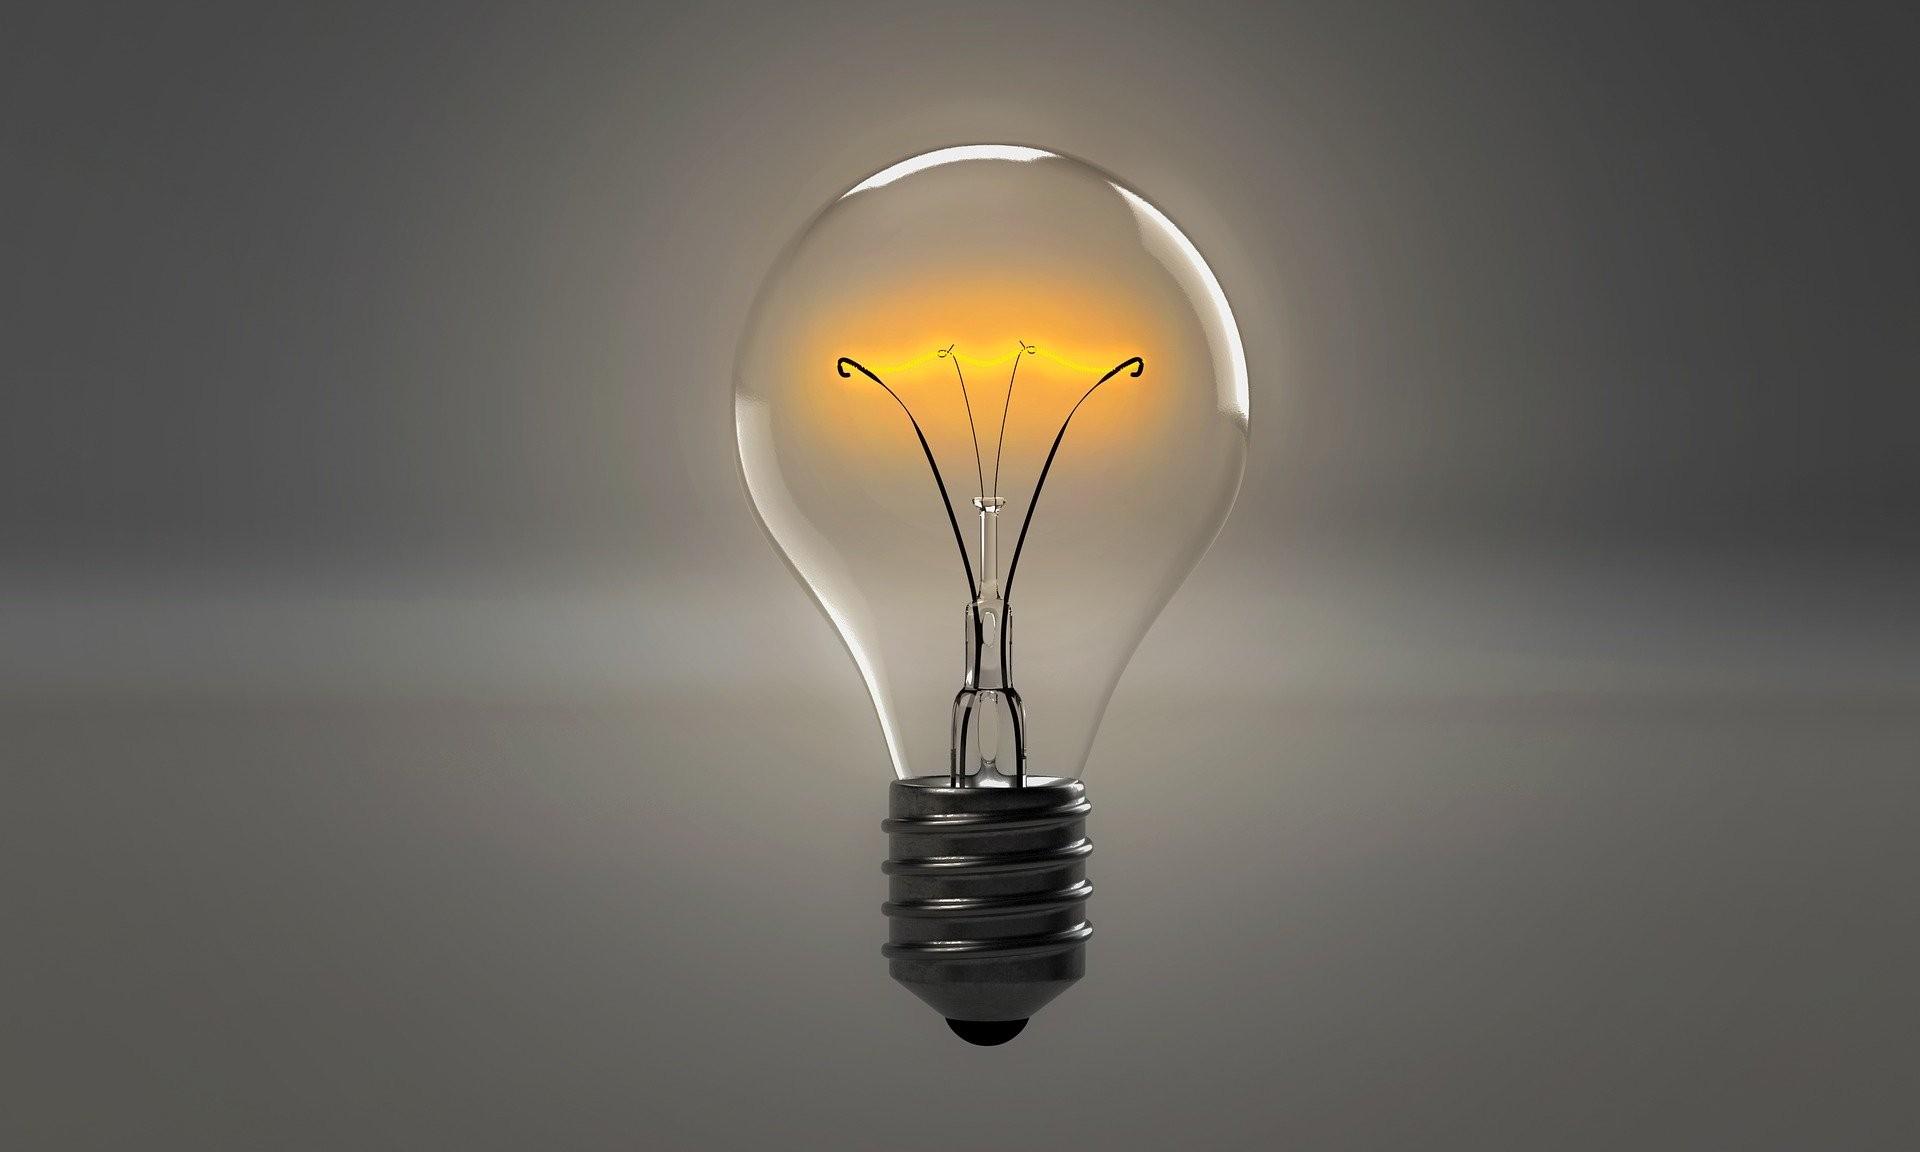 Falta luz em regiões de Planaltina, Paranoá e Samambaia nesta quarta, no DF